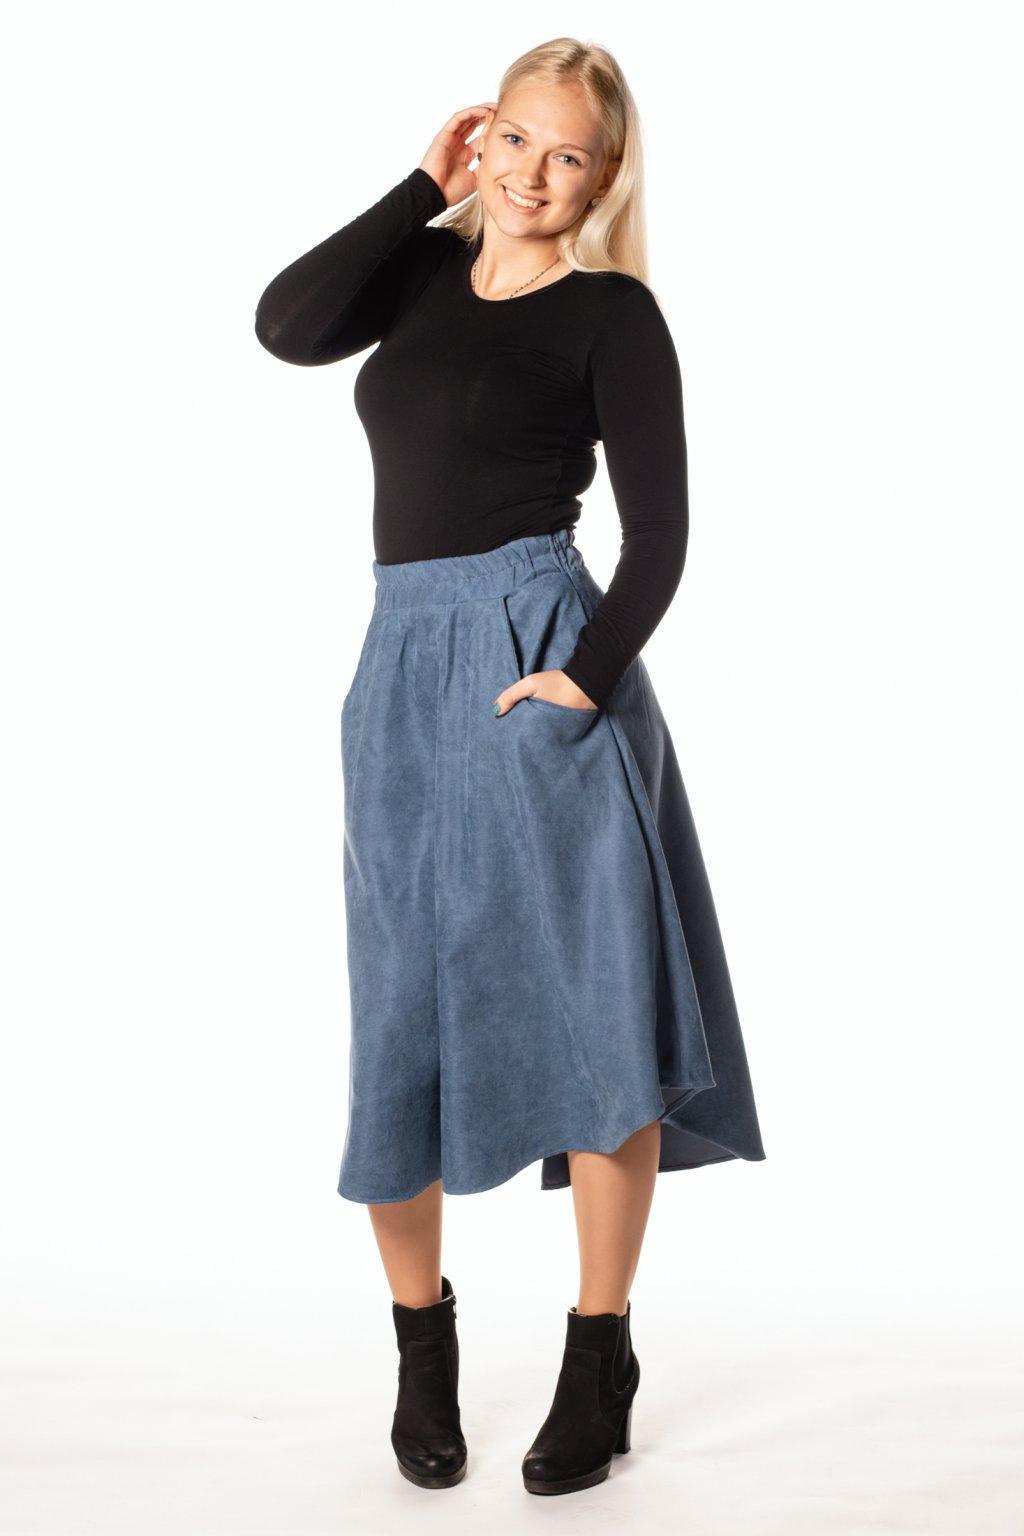 MODRÁ asymetrická sukně (manšestr jemný)